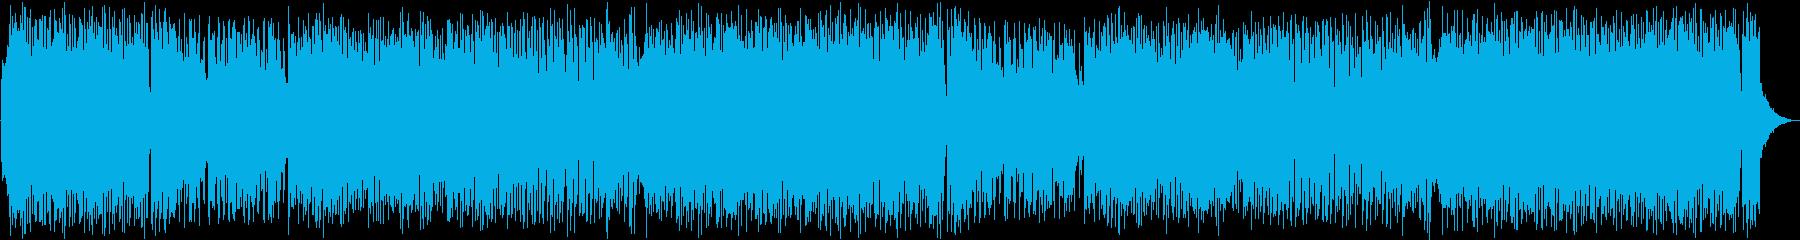 ピアノ・おしゃれ・ED・OPの再生済みの波形